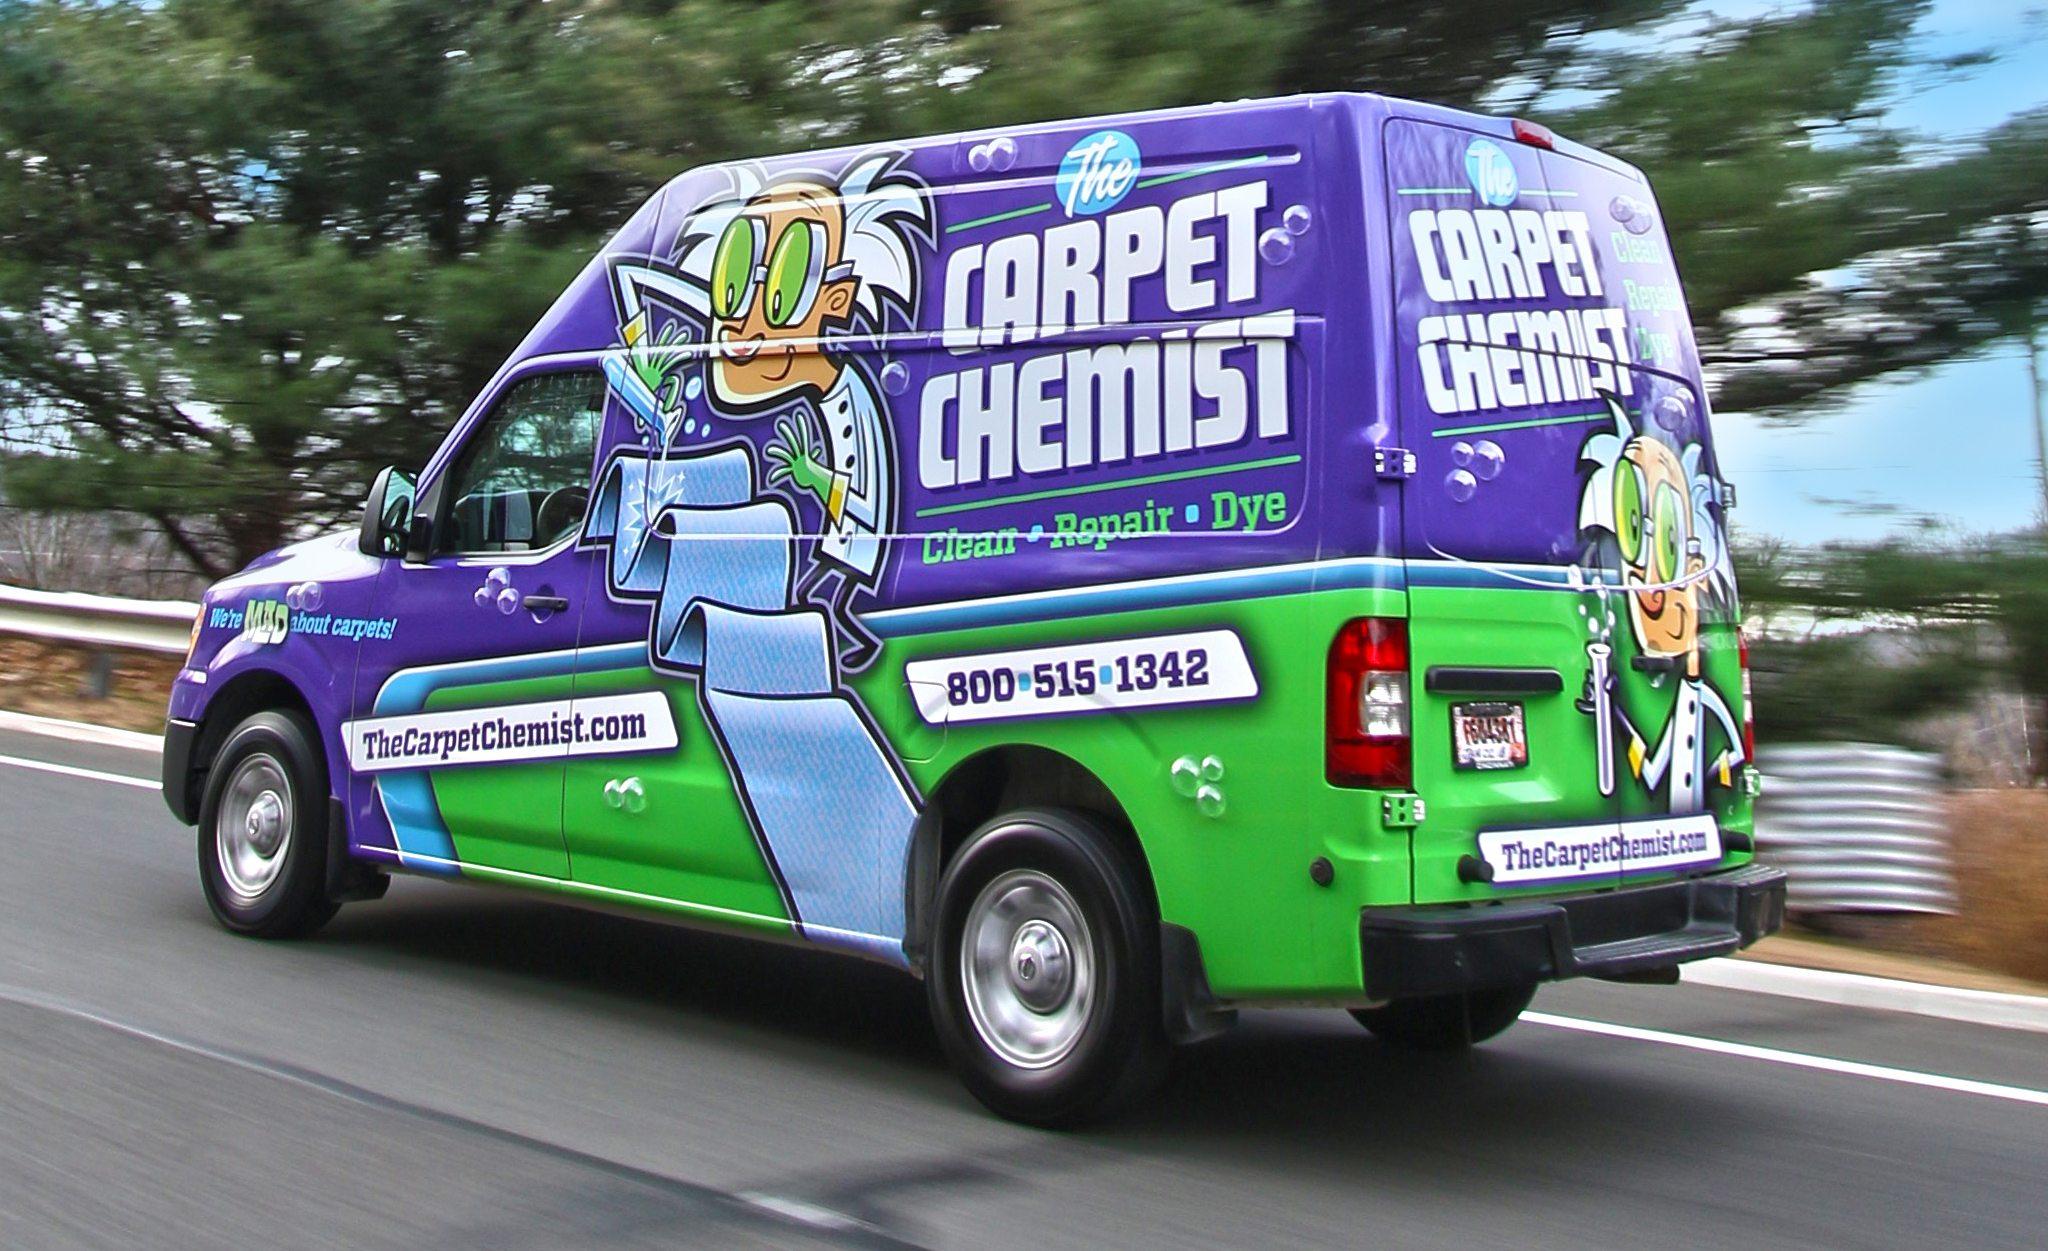 The Carpet Chemist